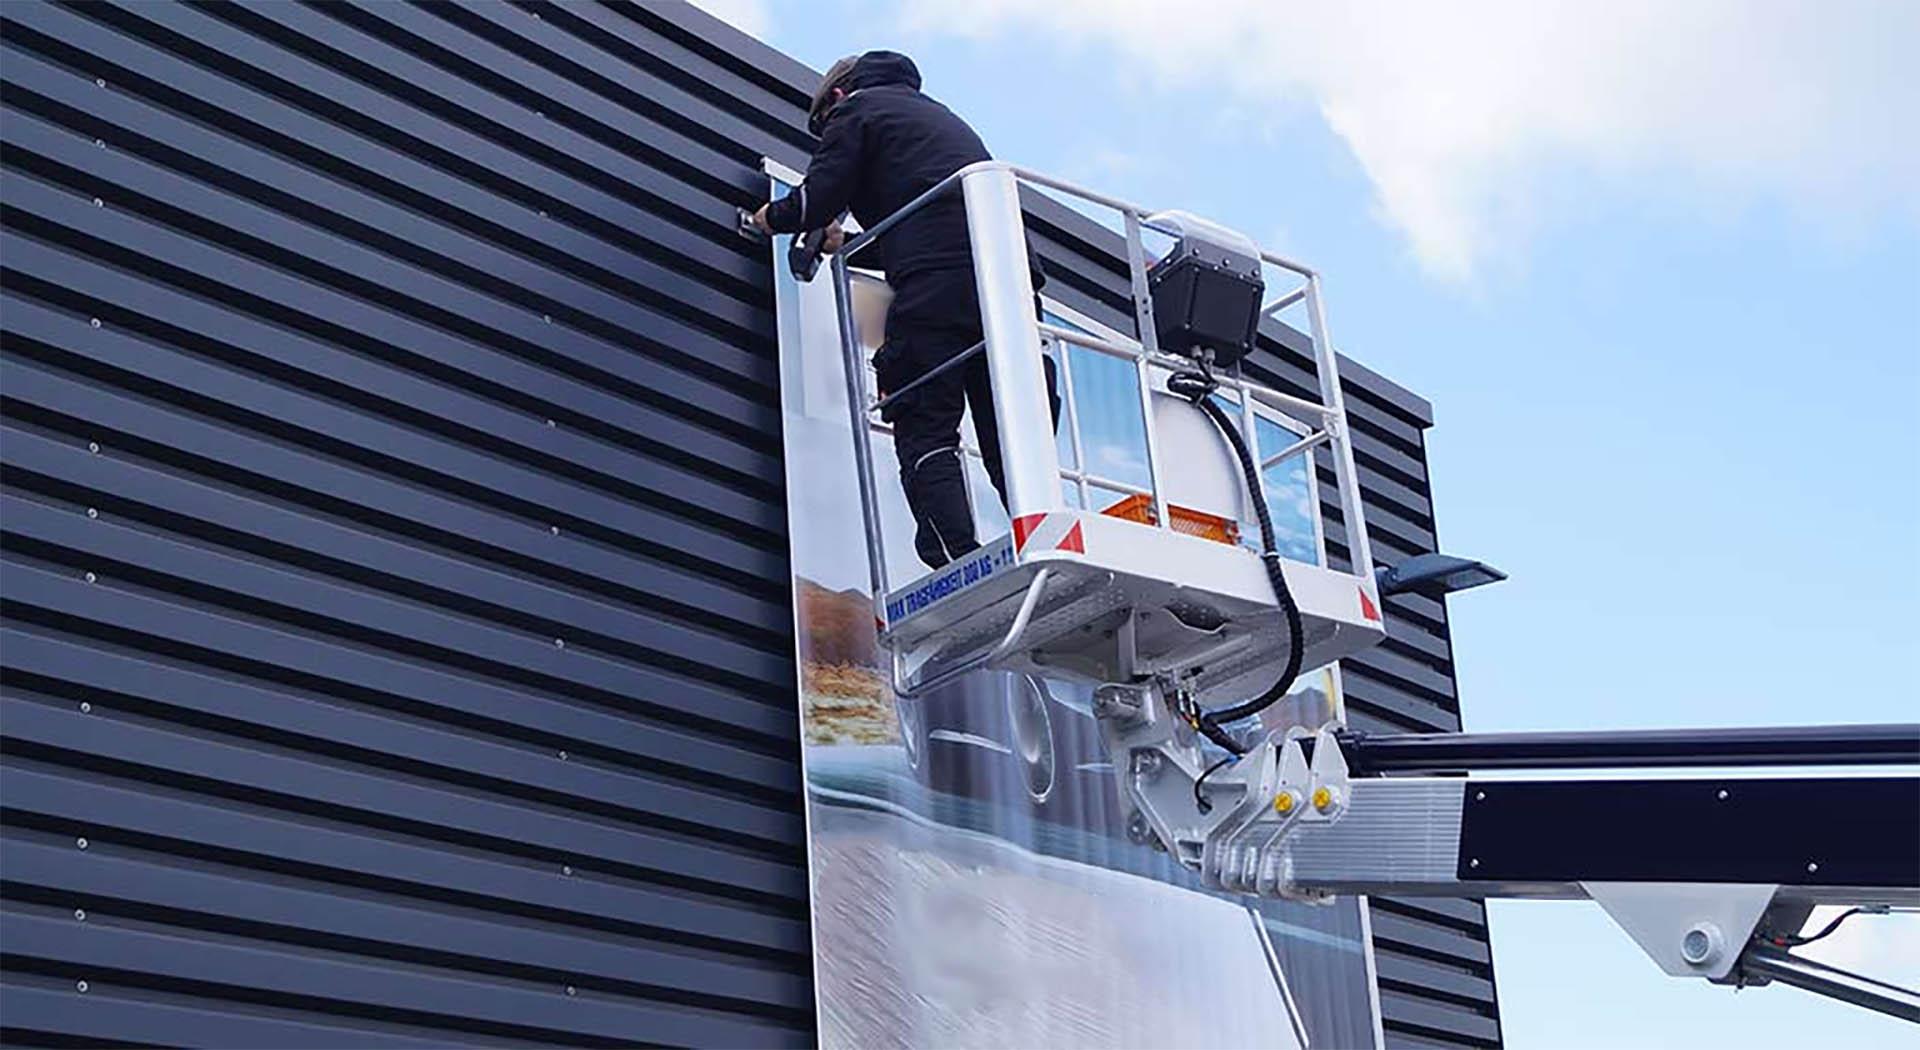 Anbringen von Außenwerbung an einer Fassade mit Hubwagen